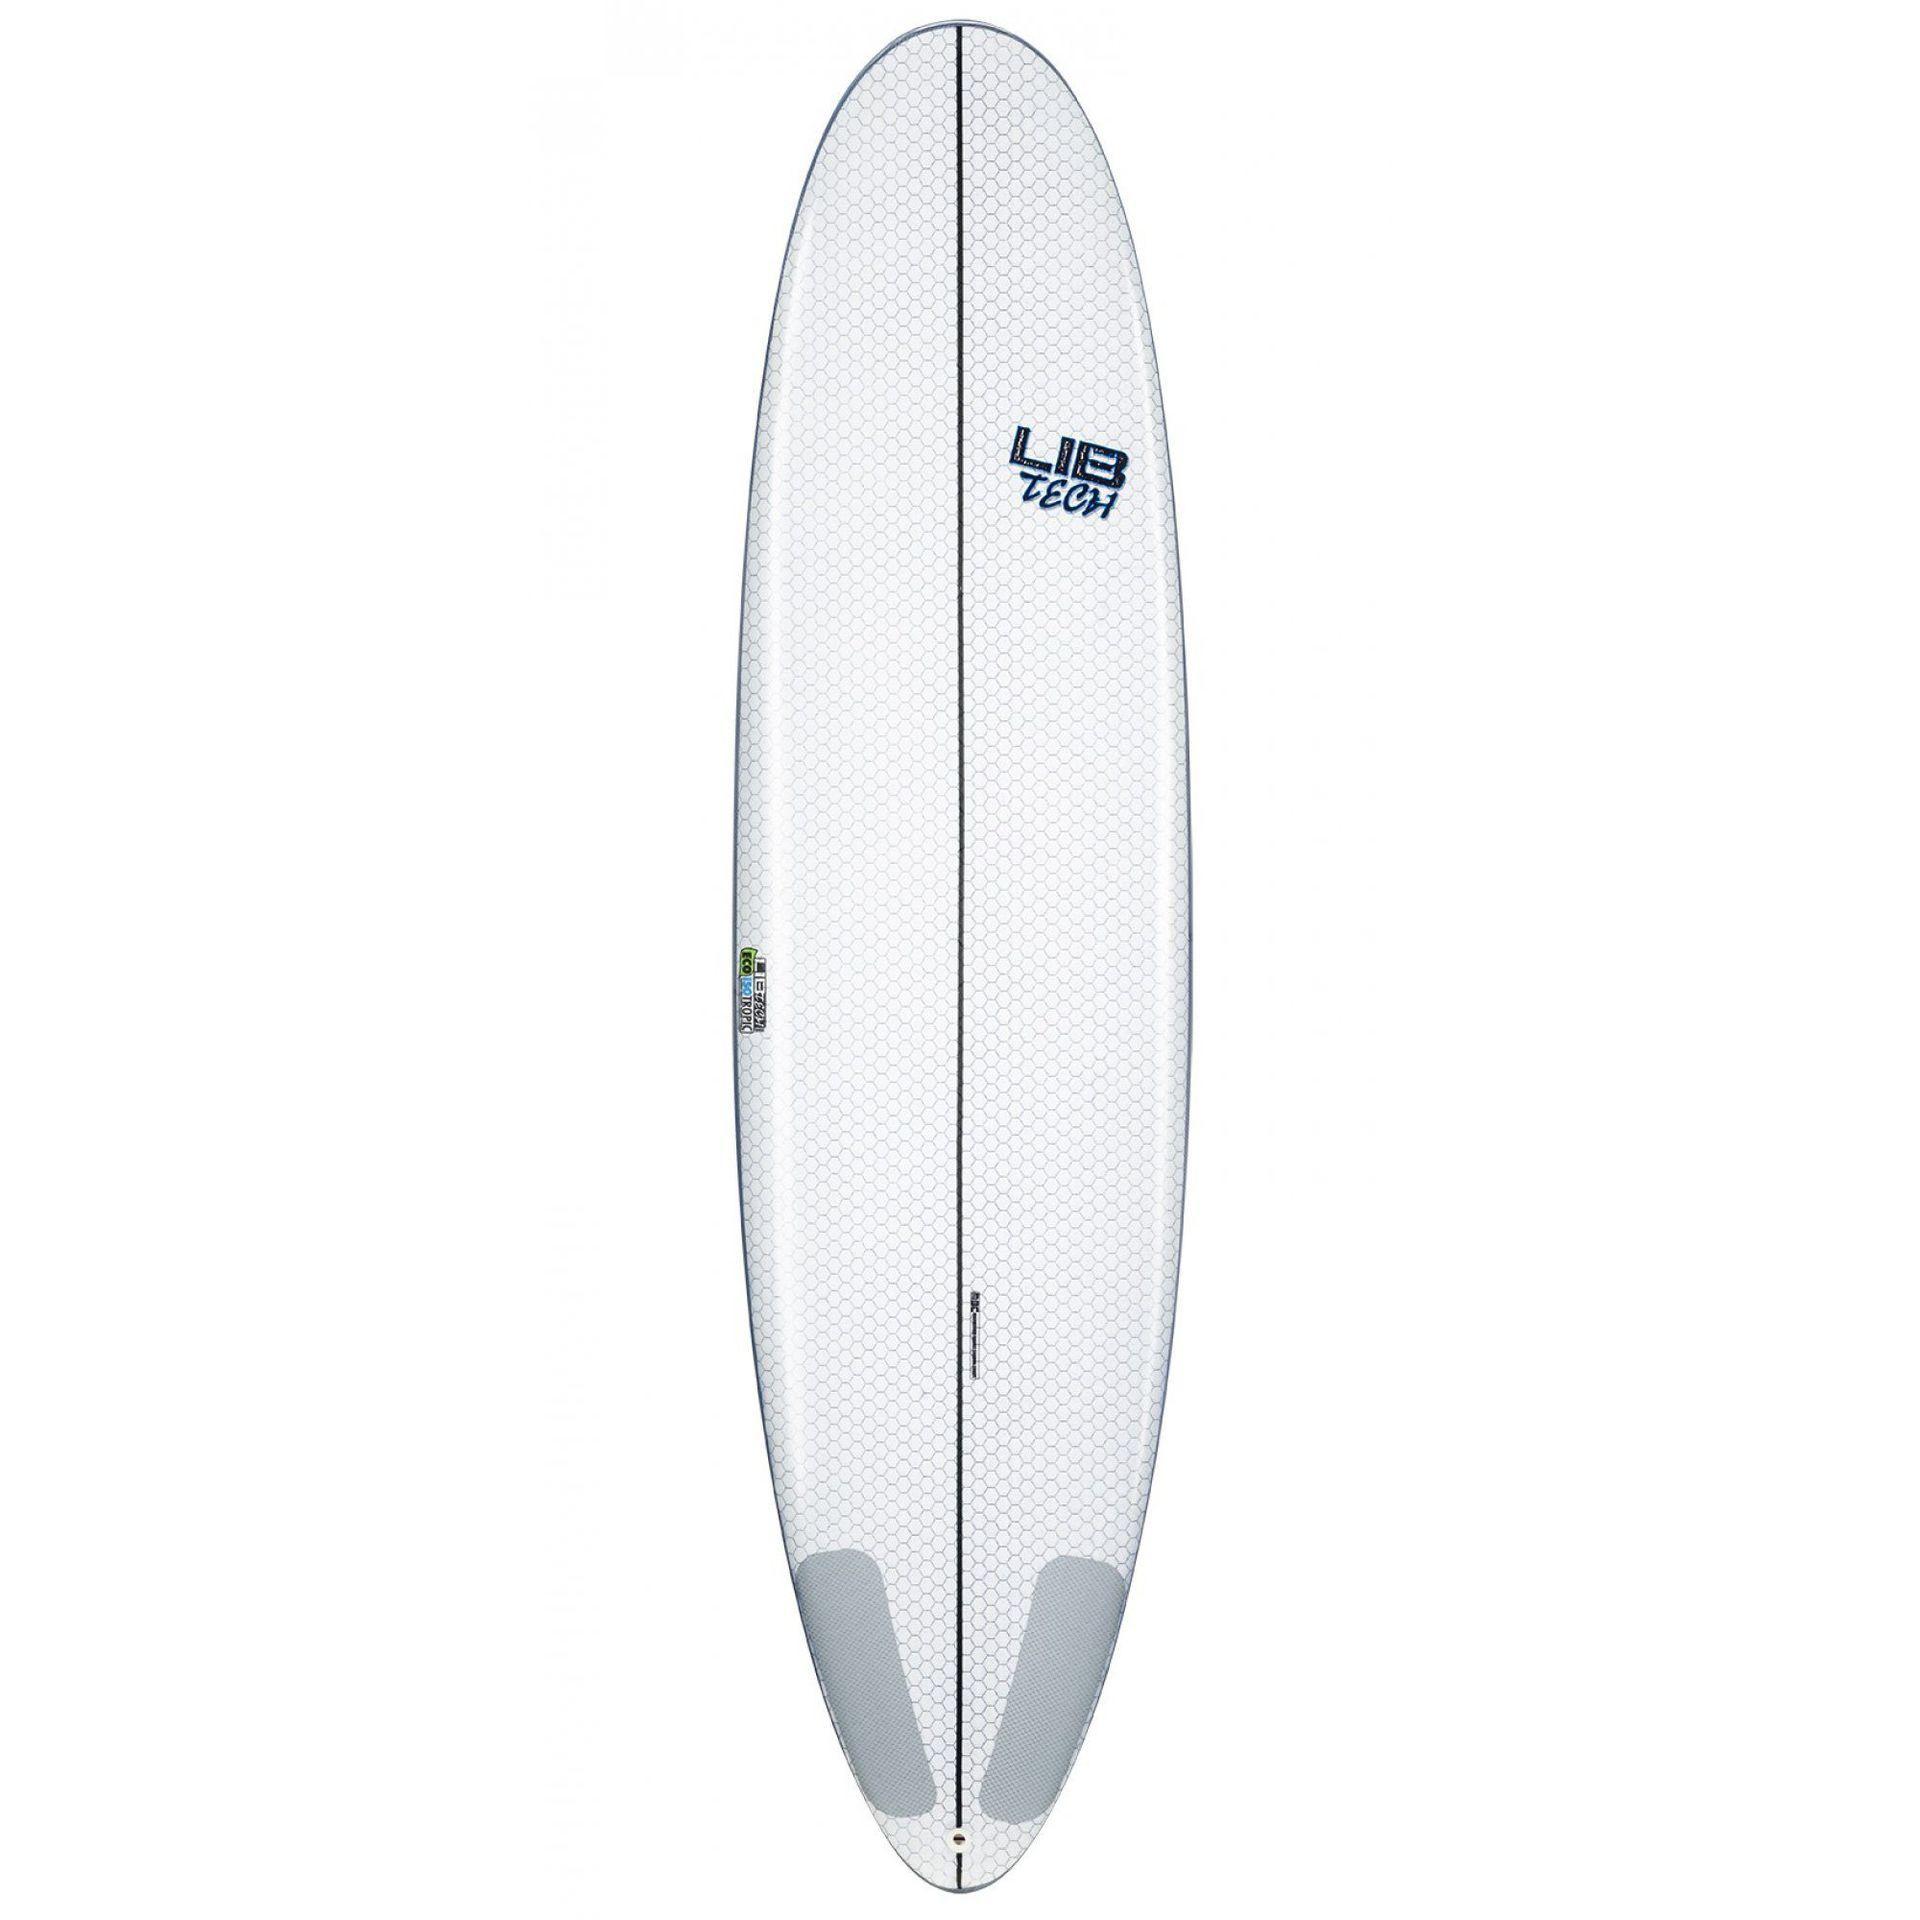 DESKA SURFINGOWA LIB TECH PICKUP STICK 7'0 1